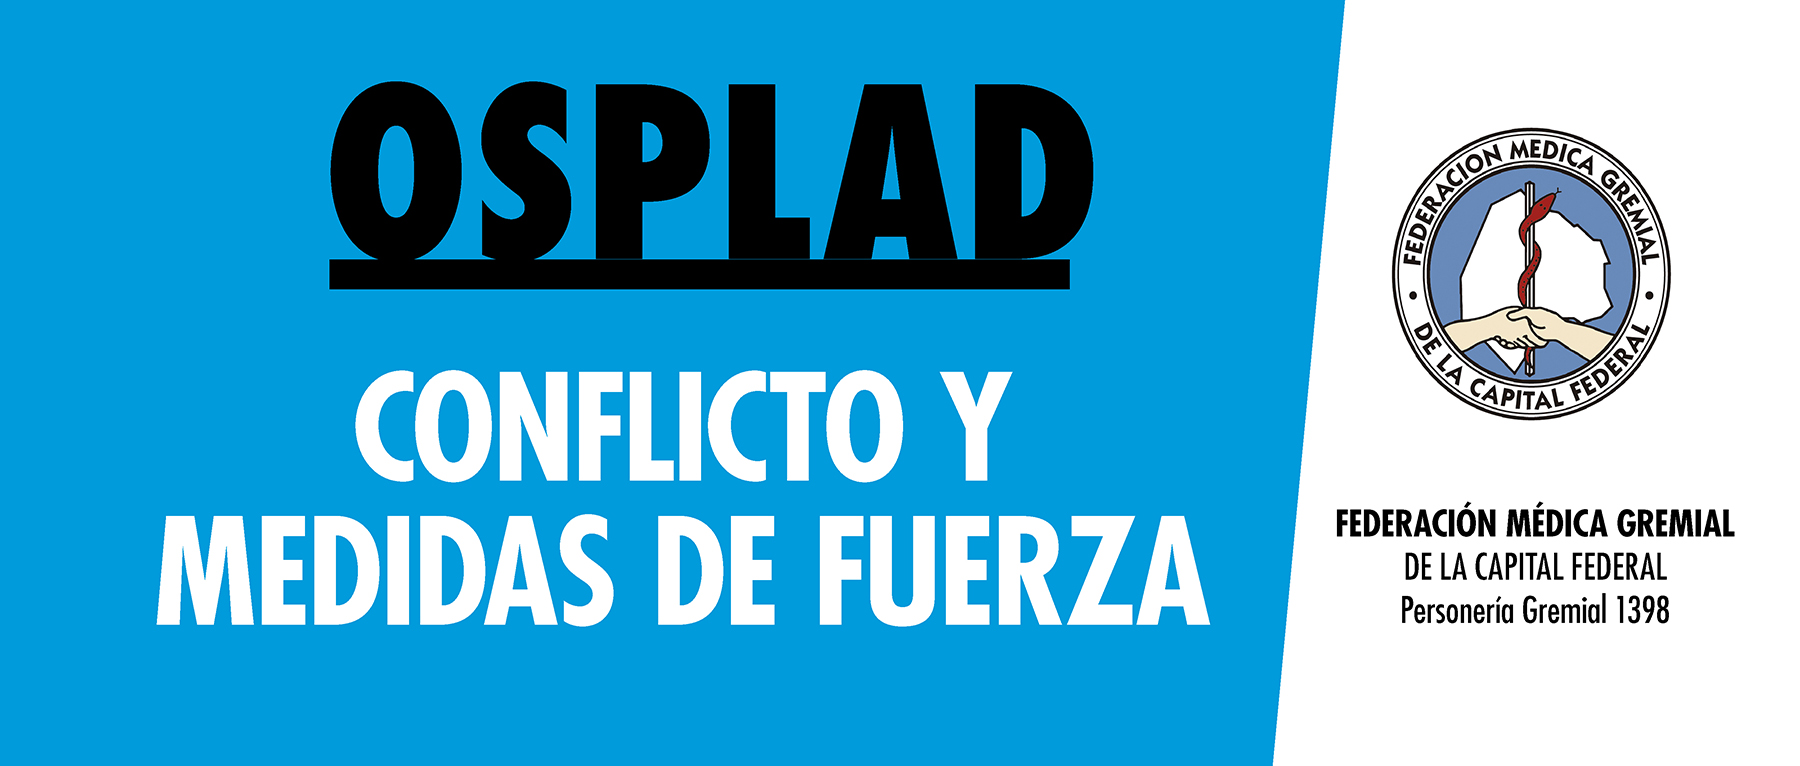 Se agudiza la crisis en OSPLAD. Femeca y AMAP dispusieron medidas gremiales